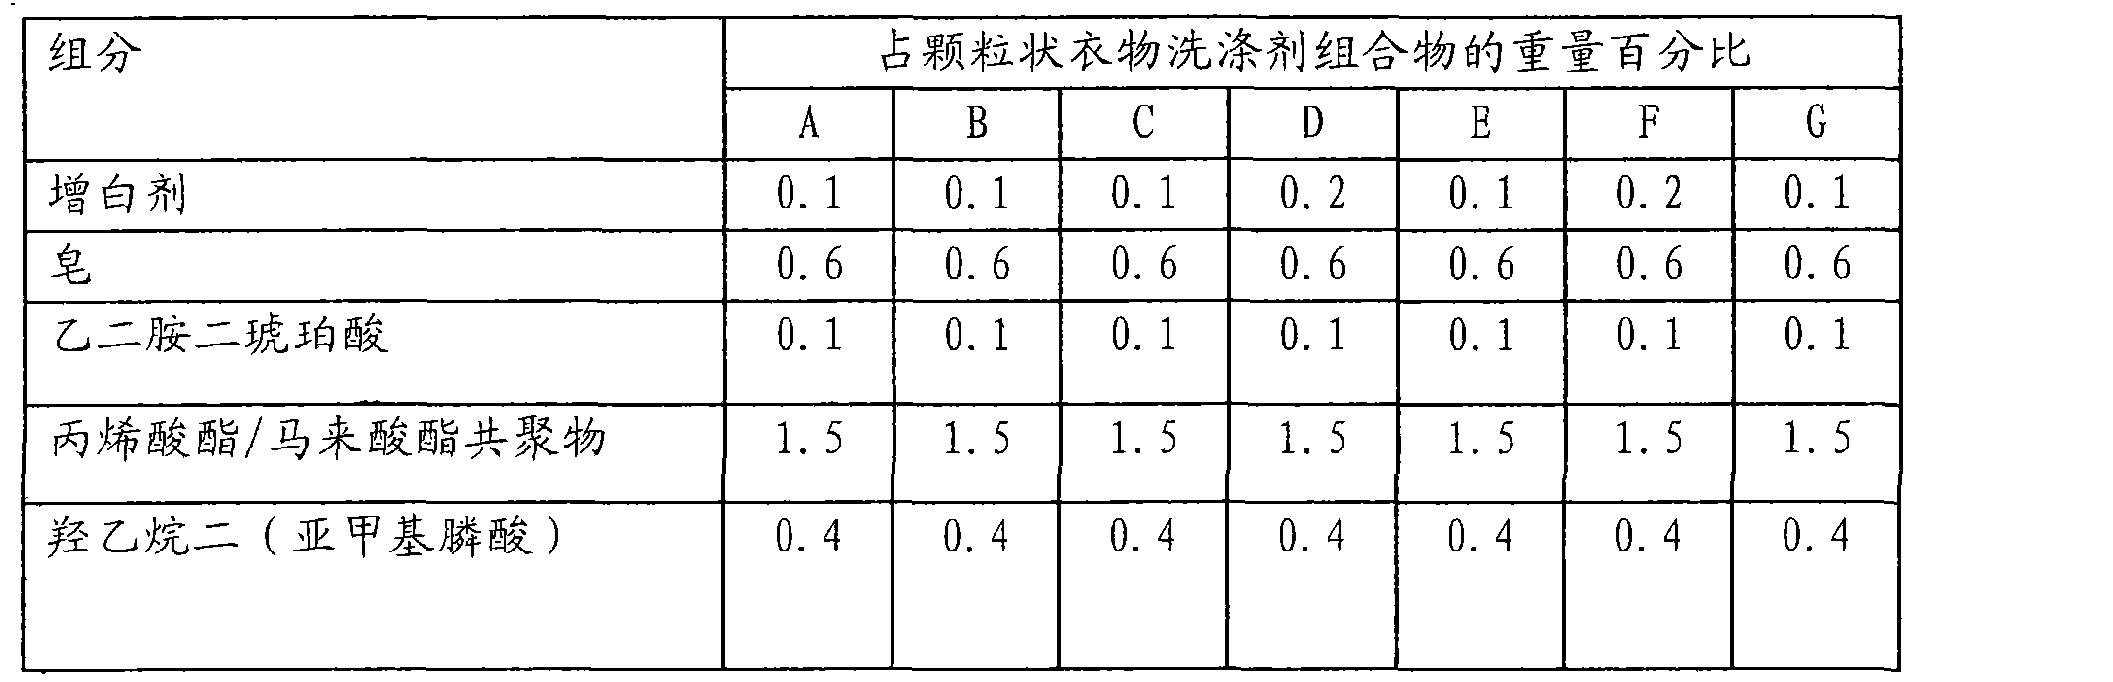 Figure CN101715338BD00281